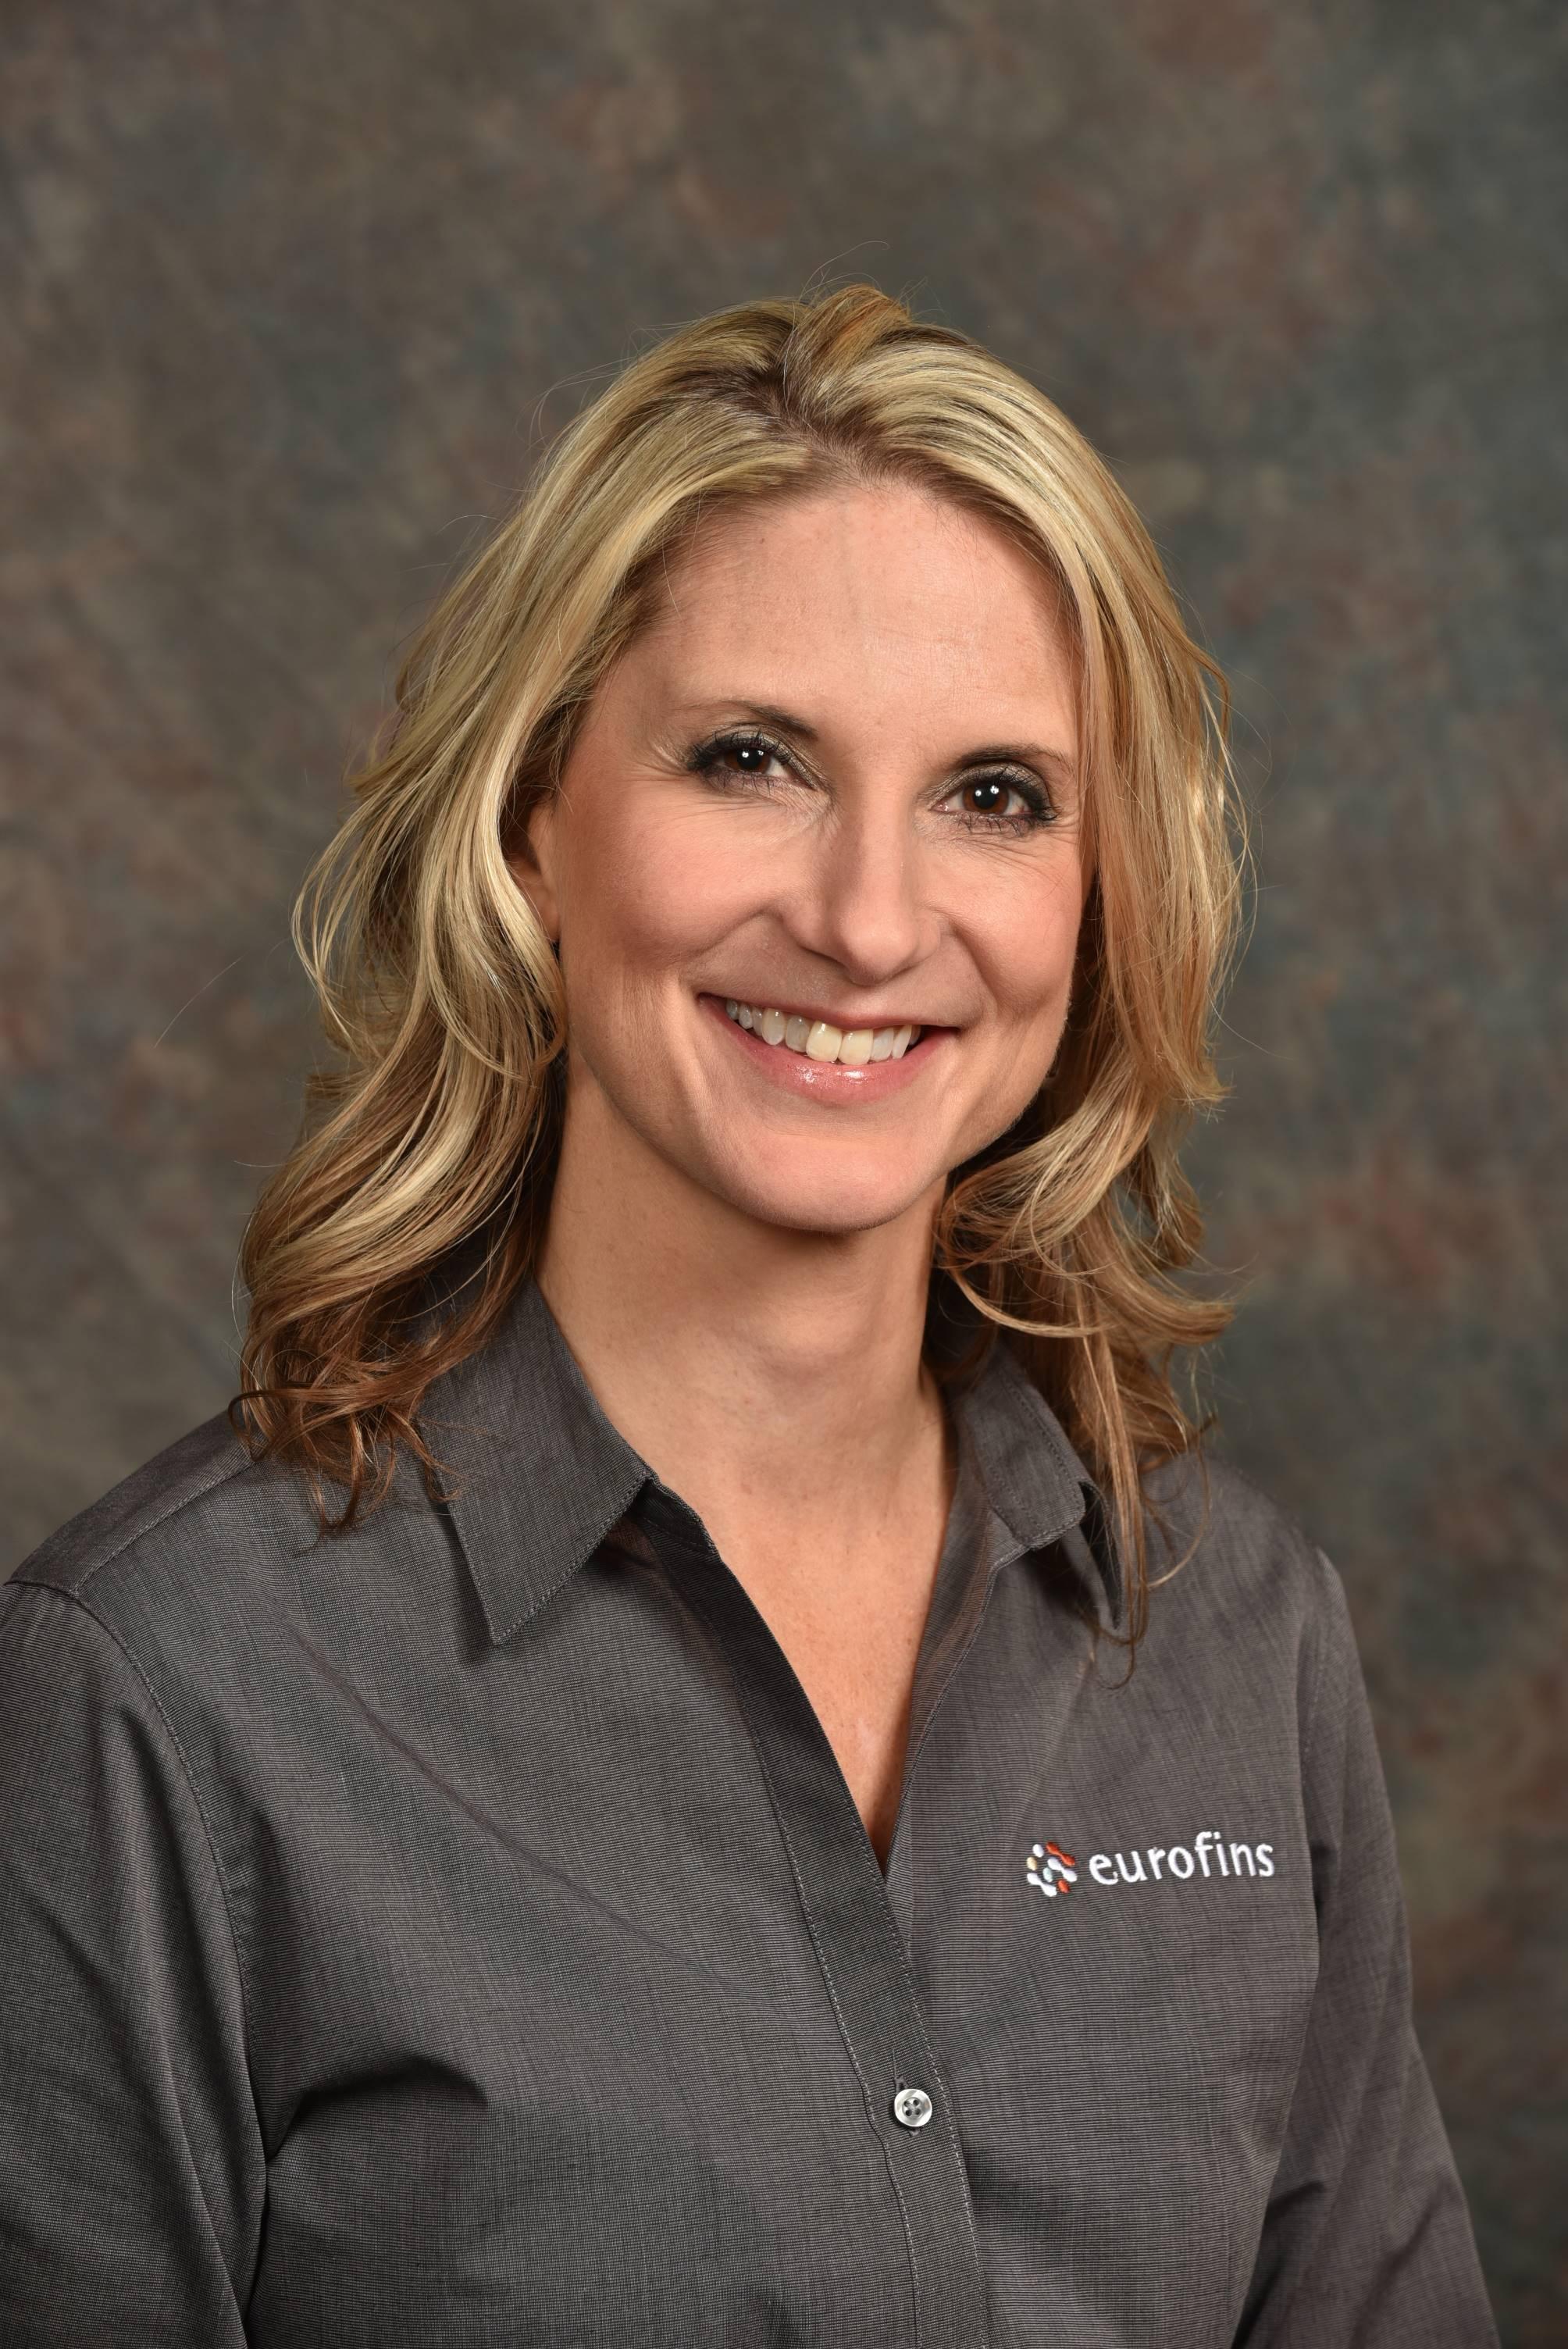 Connie McGarrah